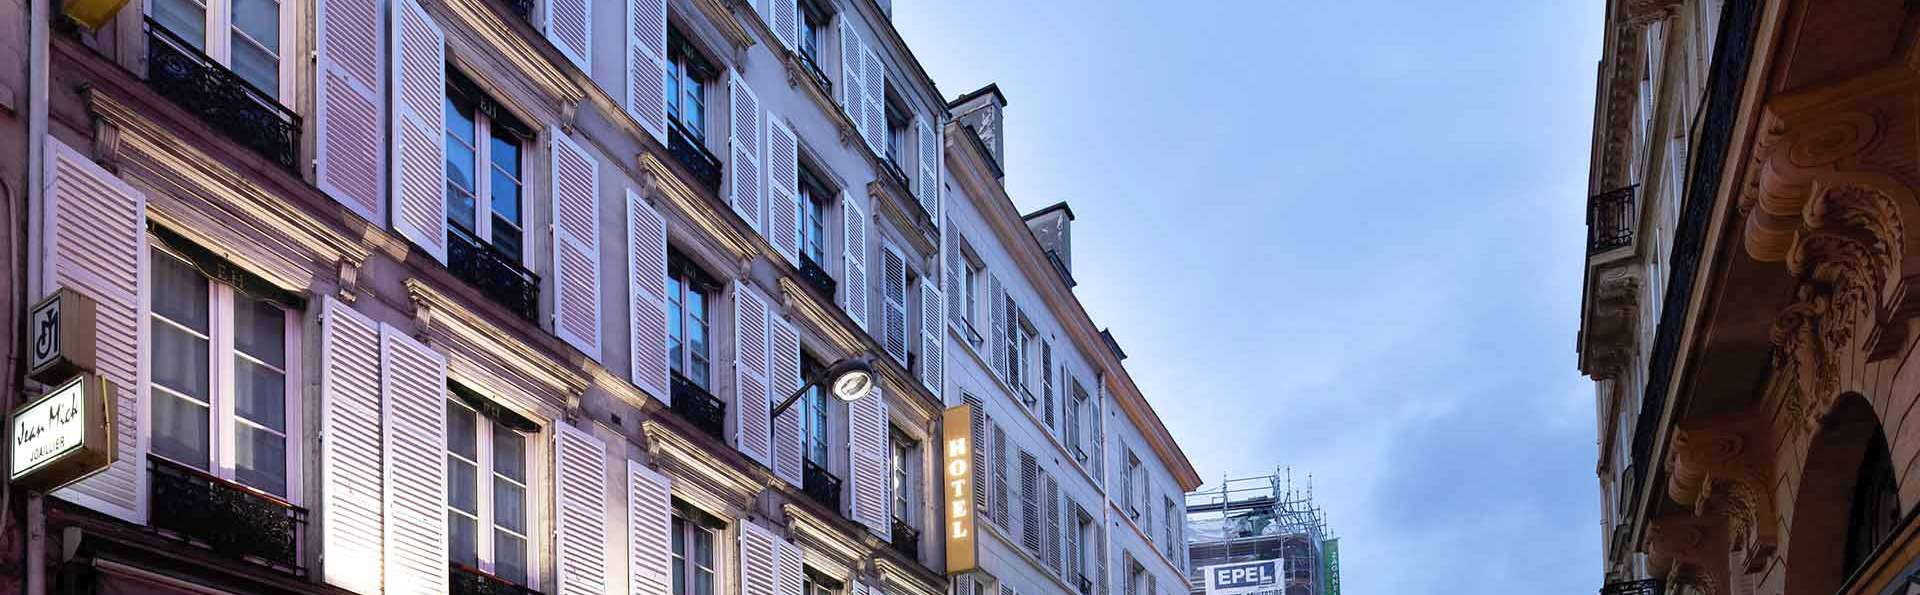 Elysées Hôtel - EDIT_FACADE_02.jpg